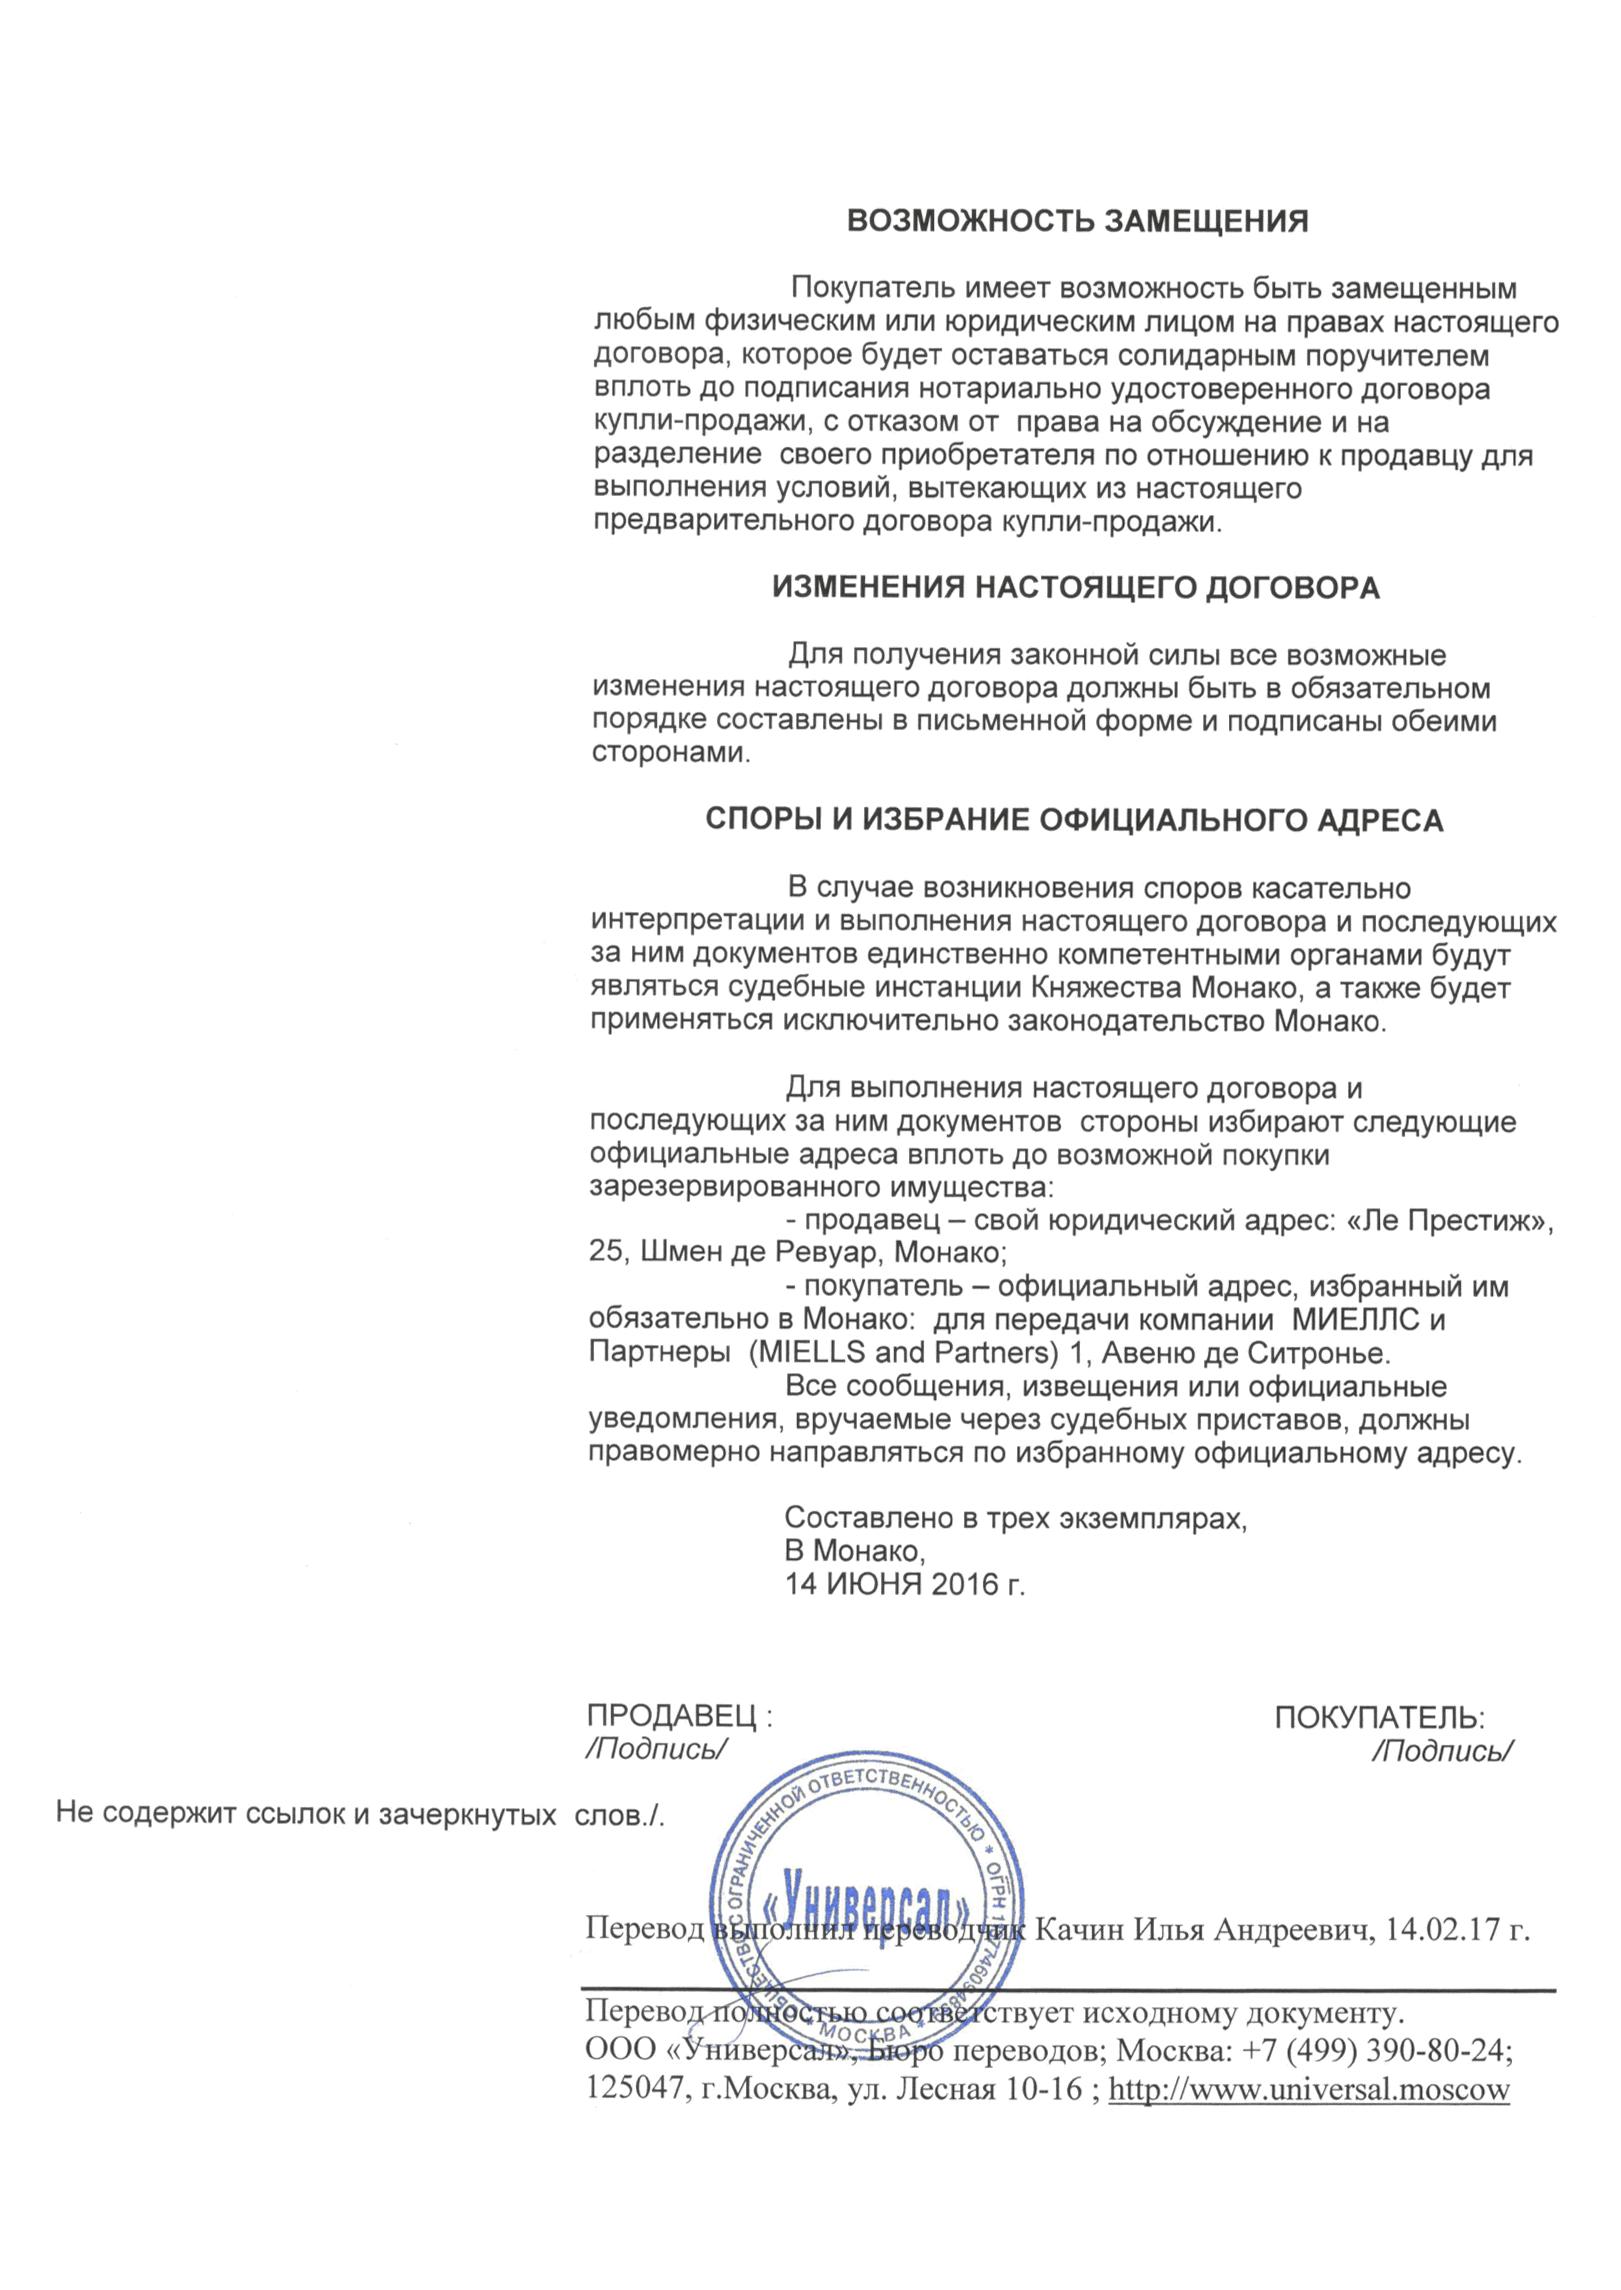 Отраслевой коллективный договор соглашение заключаются между